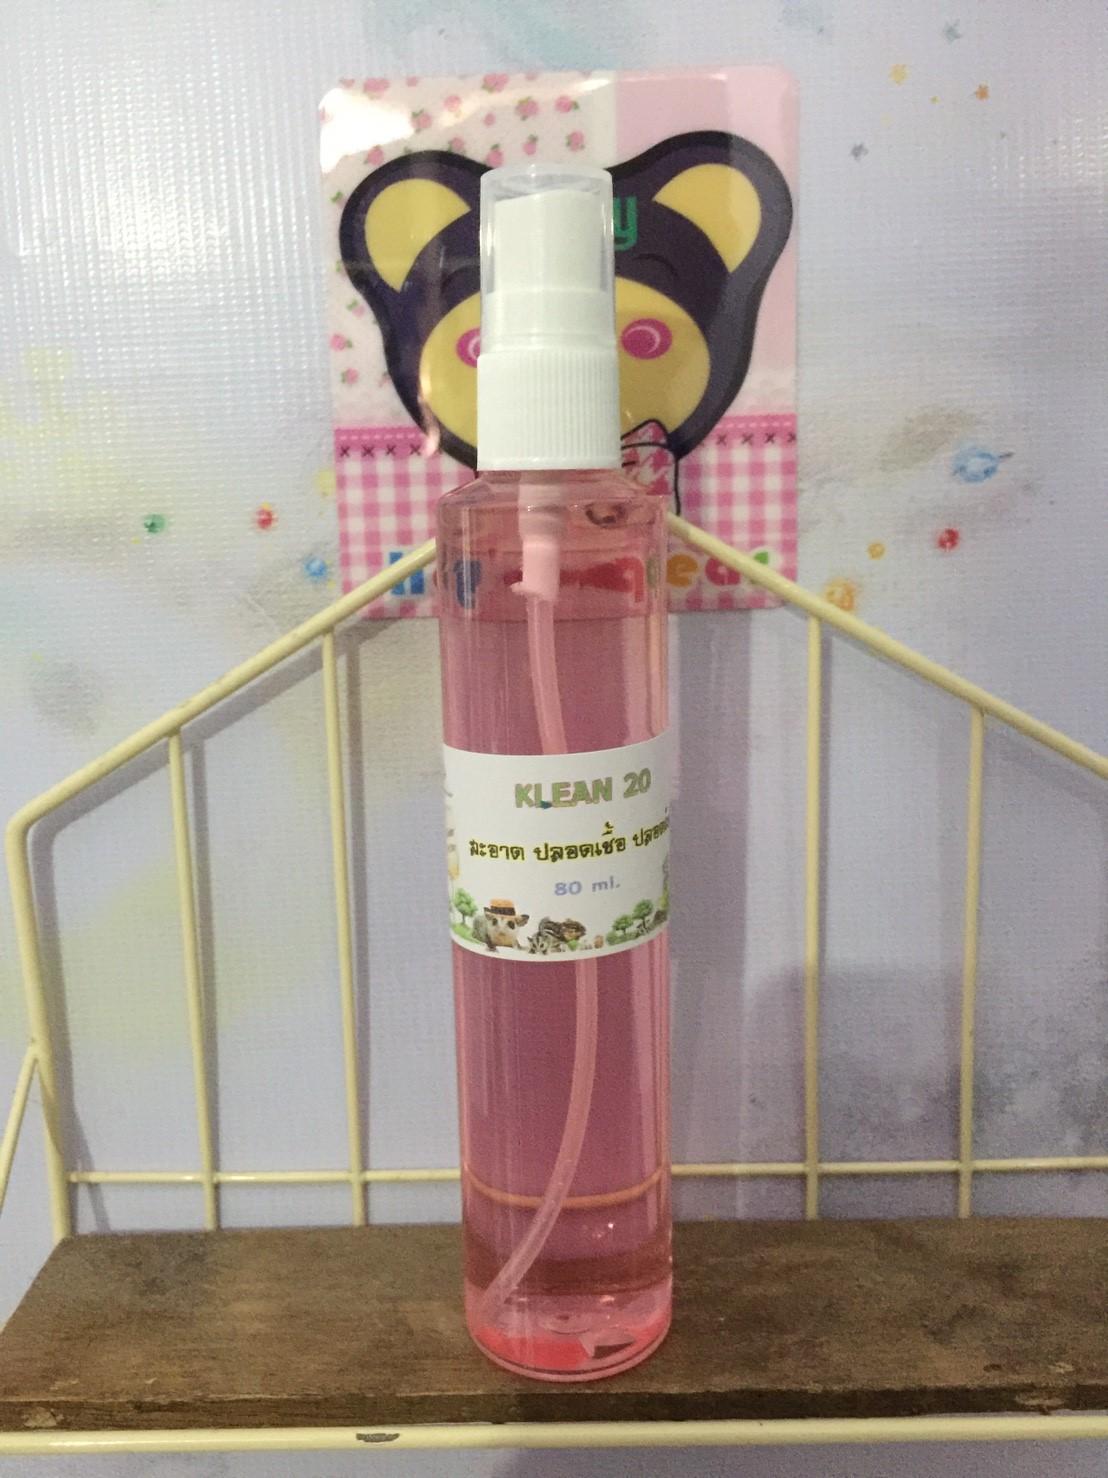 KLEANS-20 น้ำยาทำความสะอาดพื้นผิว